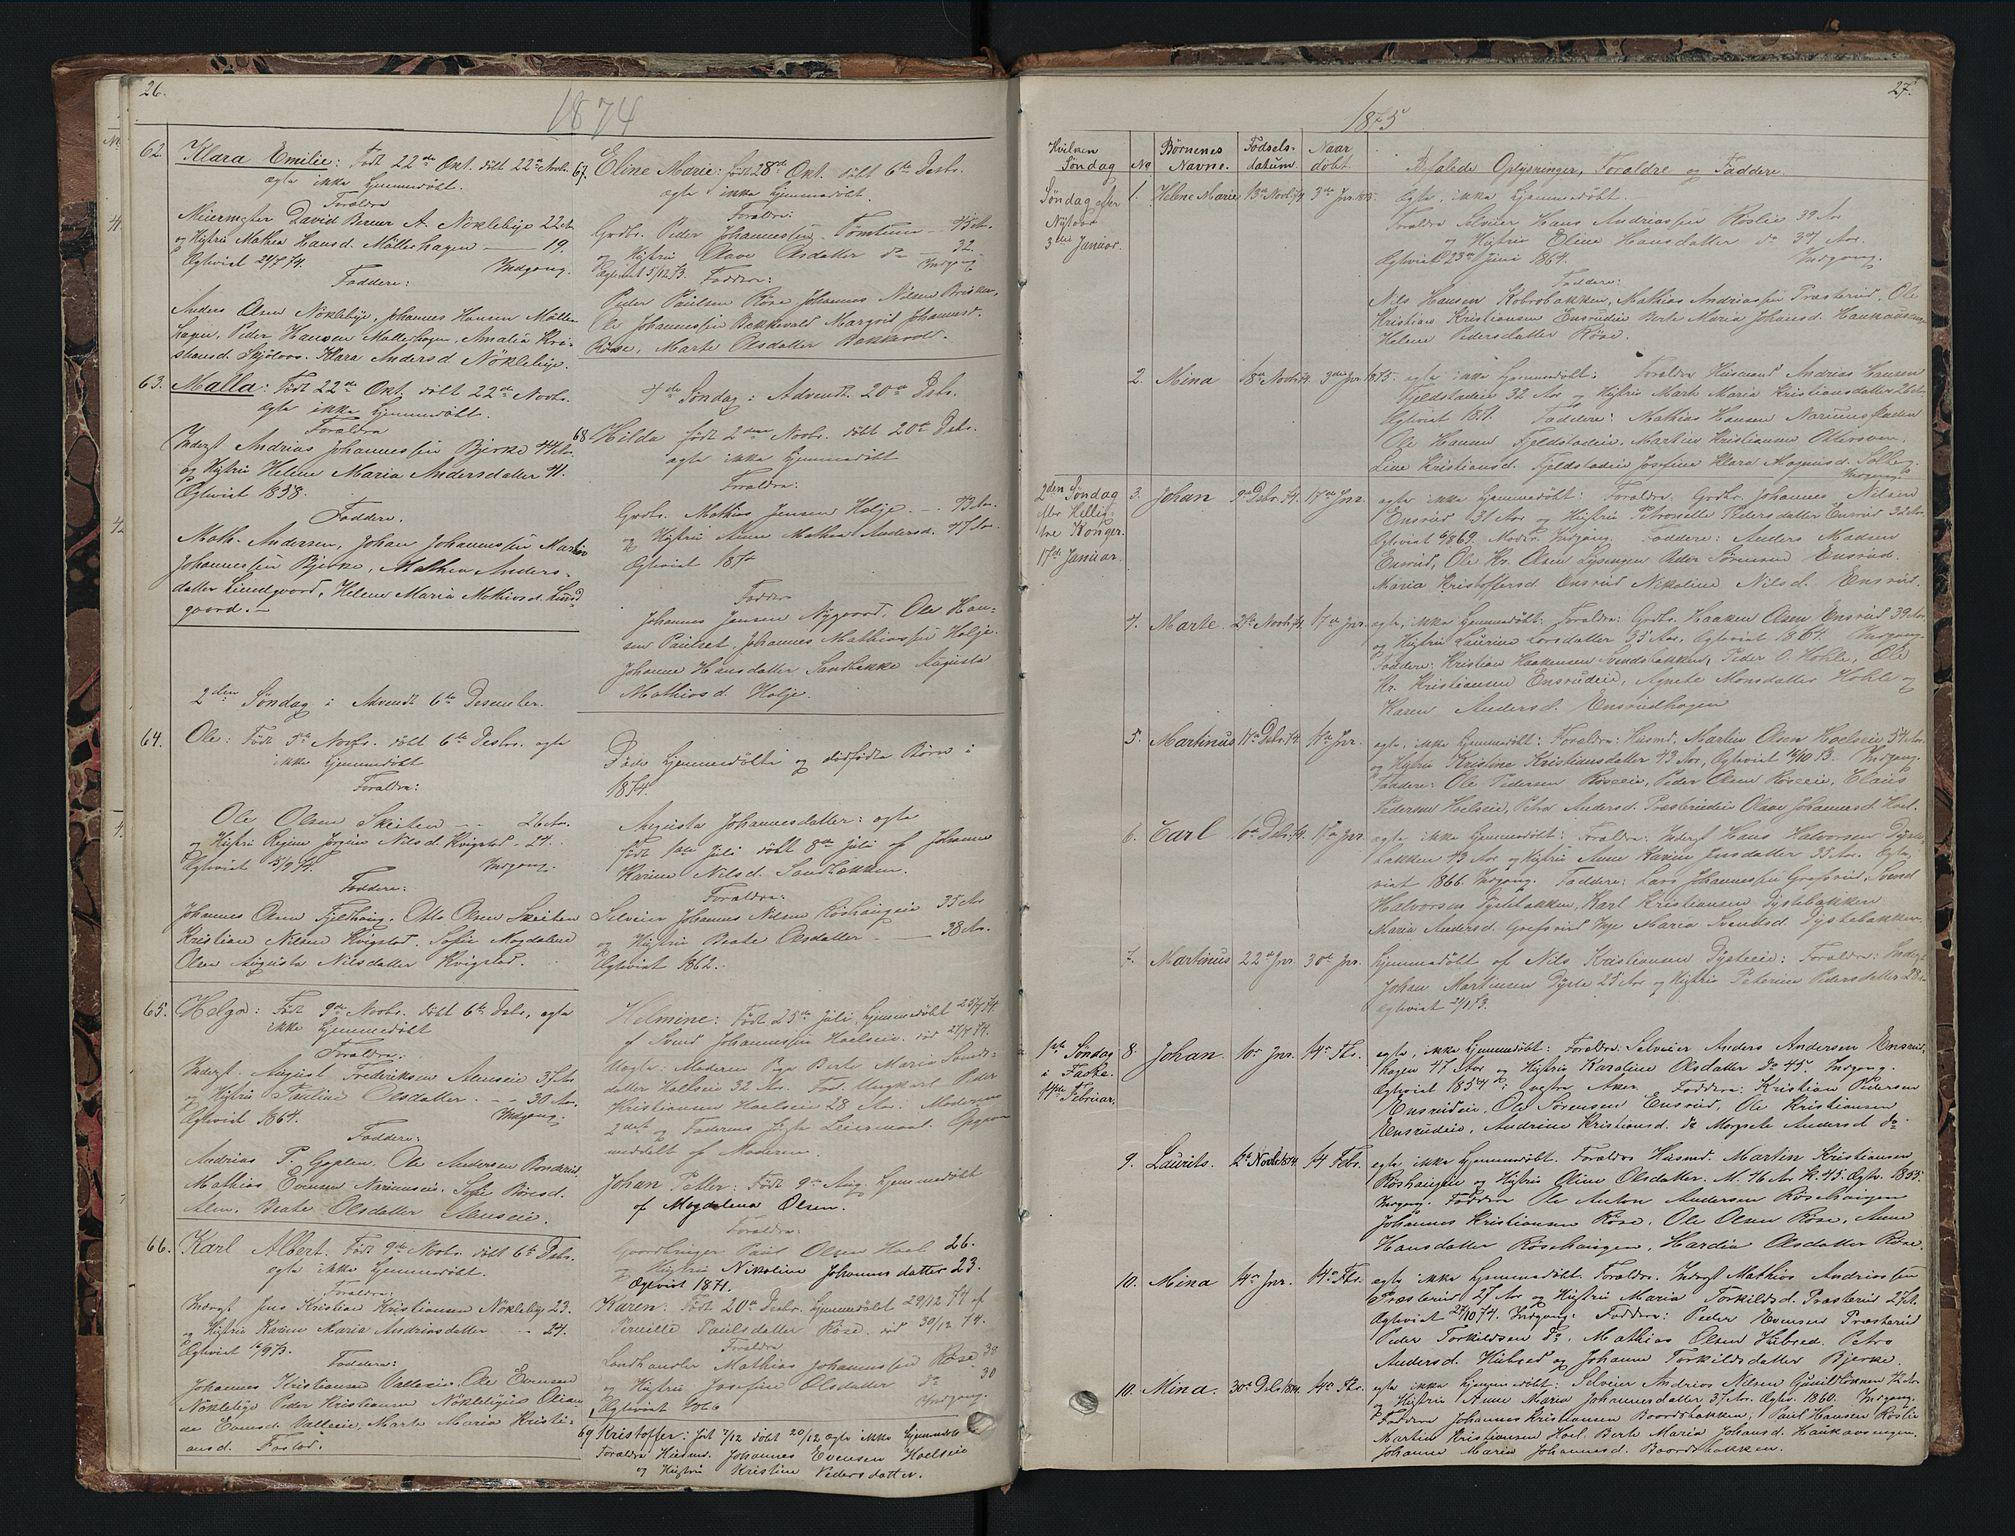 SAH, Vestre Toten prestekontor, H/Ha/Hab/L0007: Klokkerbok nr. 7, 1872-1900, s. 26-27